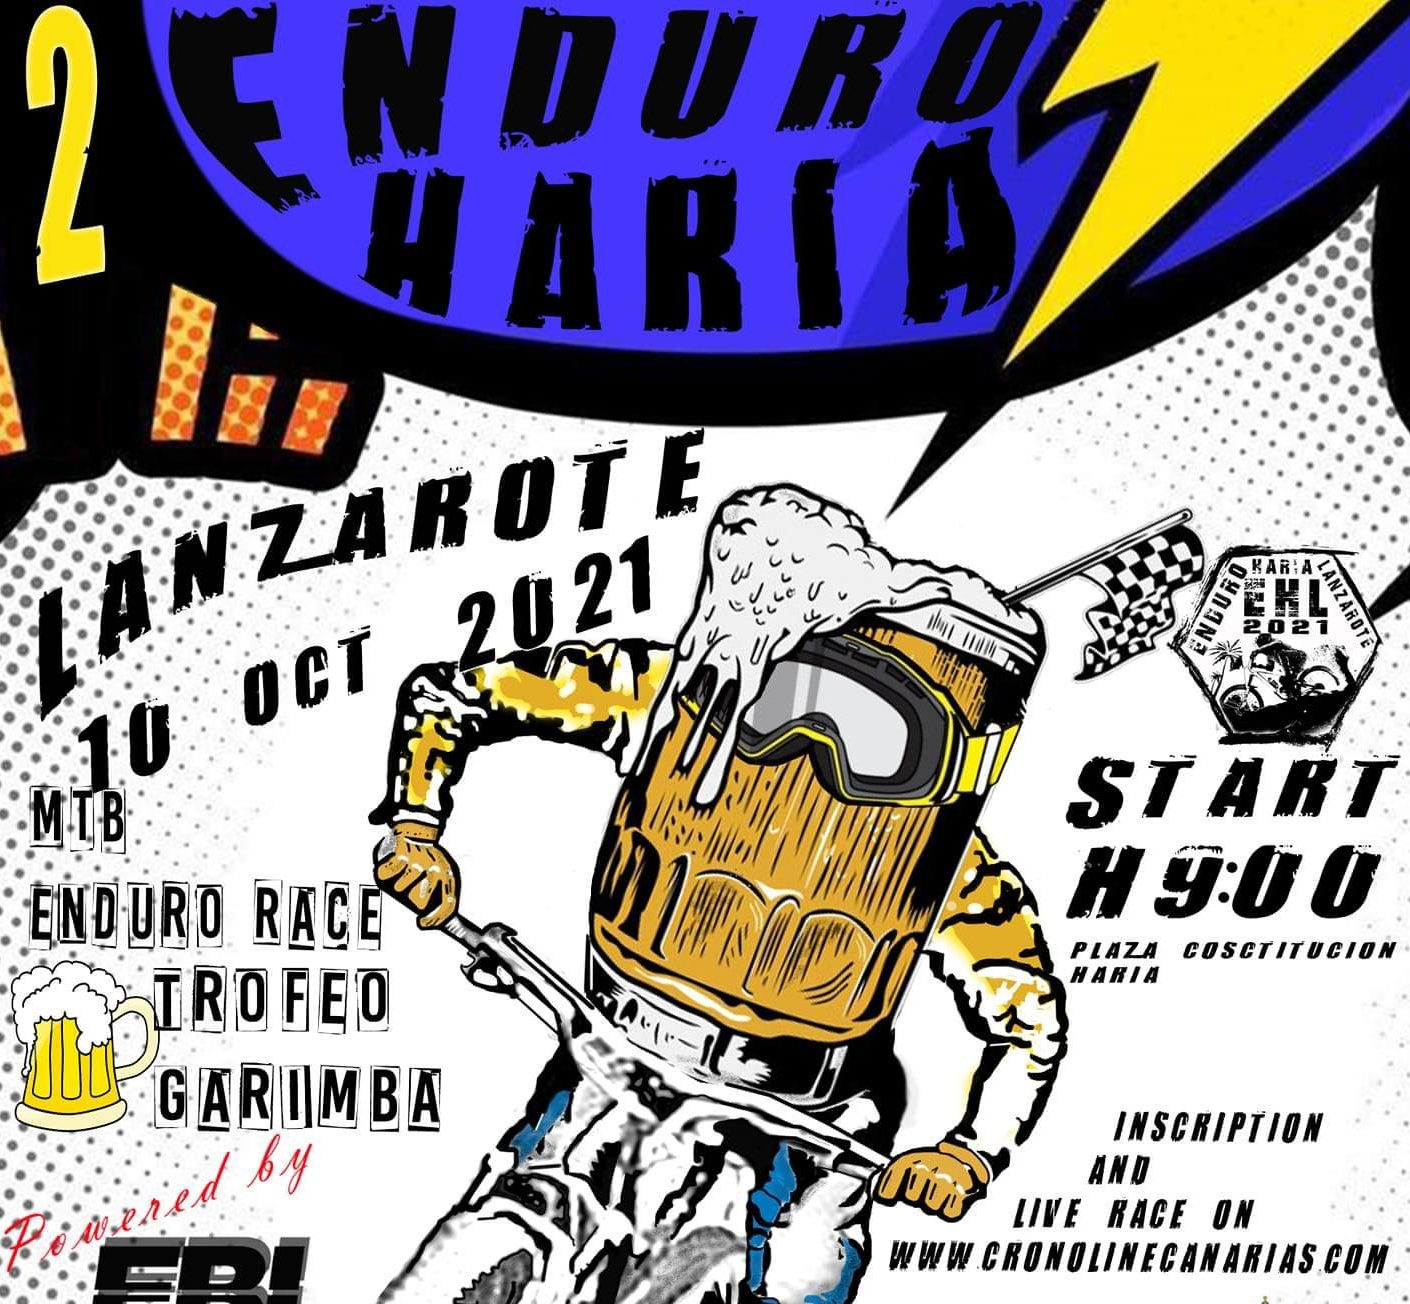 El Ayuntamiento organiza la segunda edición de la carrera ciclista Enduro Haría Lanzarote